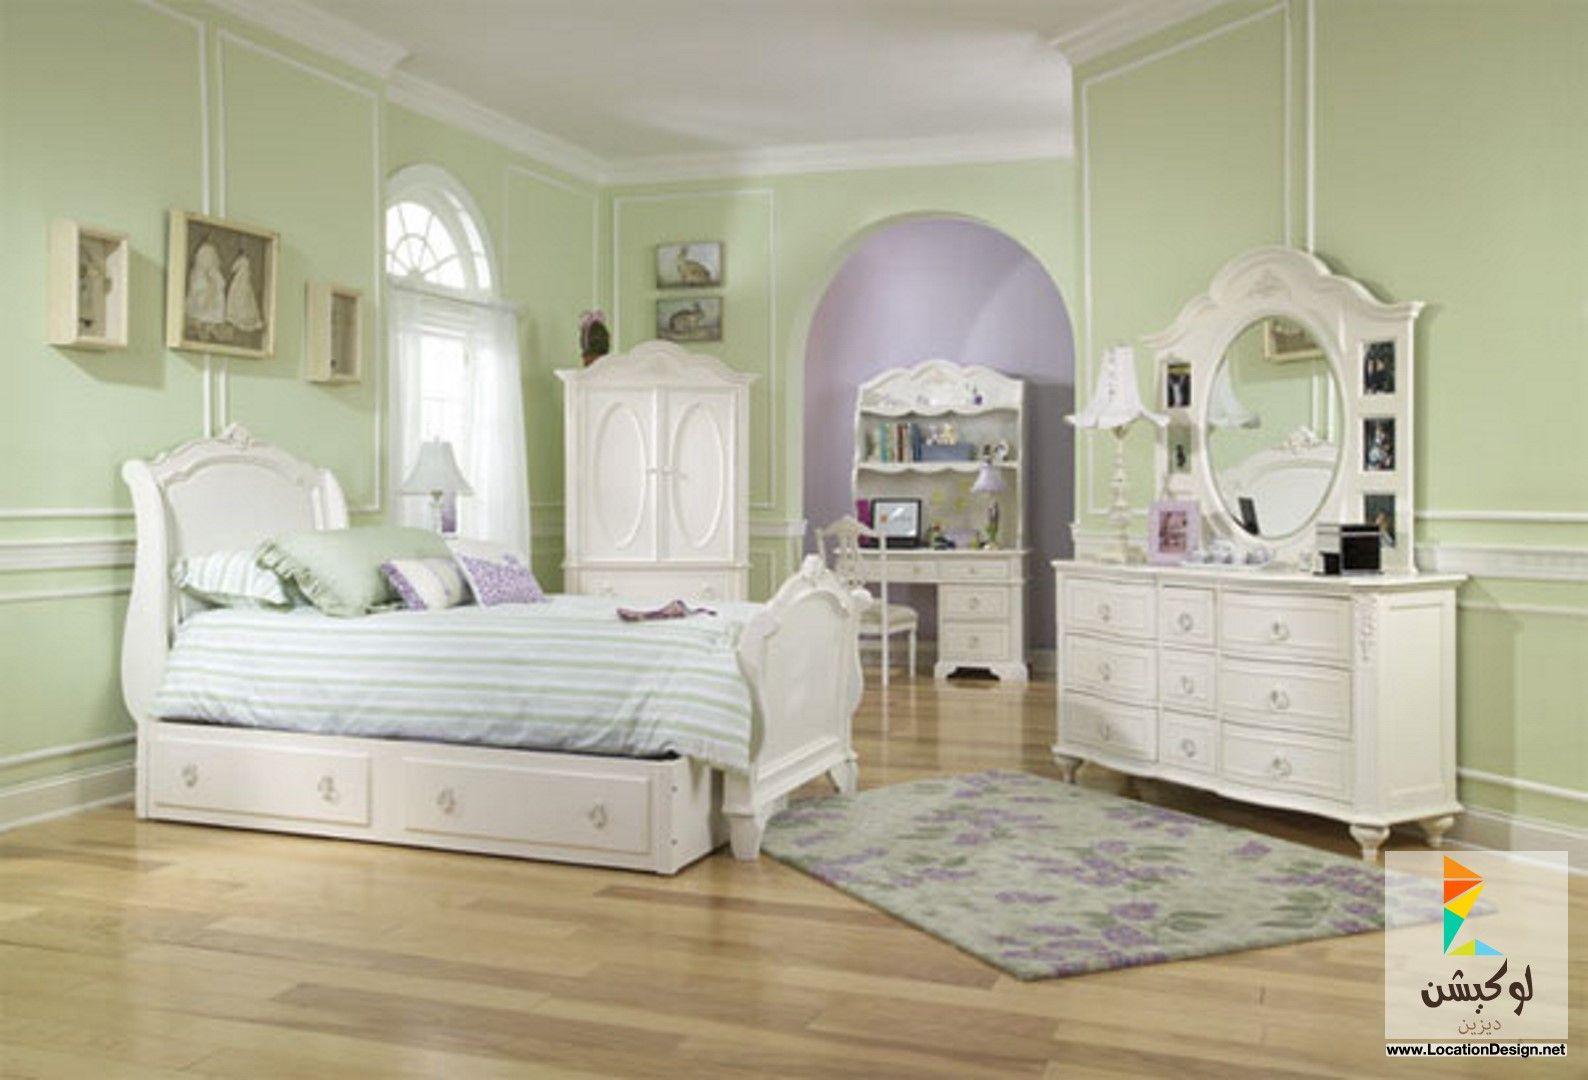 أحدث 10 ديكورات دهانات غرف نوم اطفال باللون الموف لعام 2015 لوكيشن ديزاين تصميمات Childrens Bedroom Furniture Bedroom Furniture Design Girls Bedroom Sets